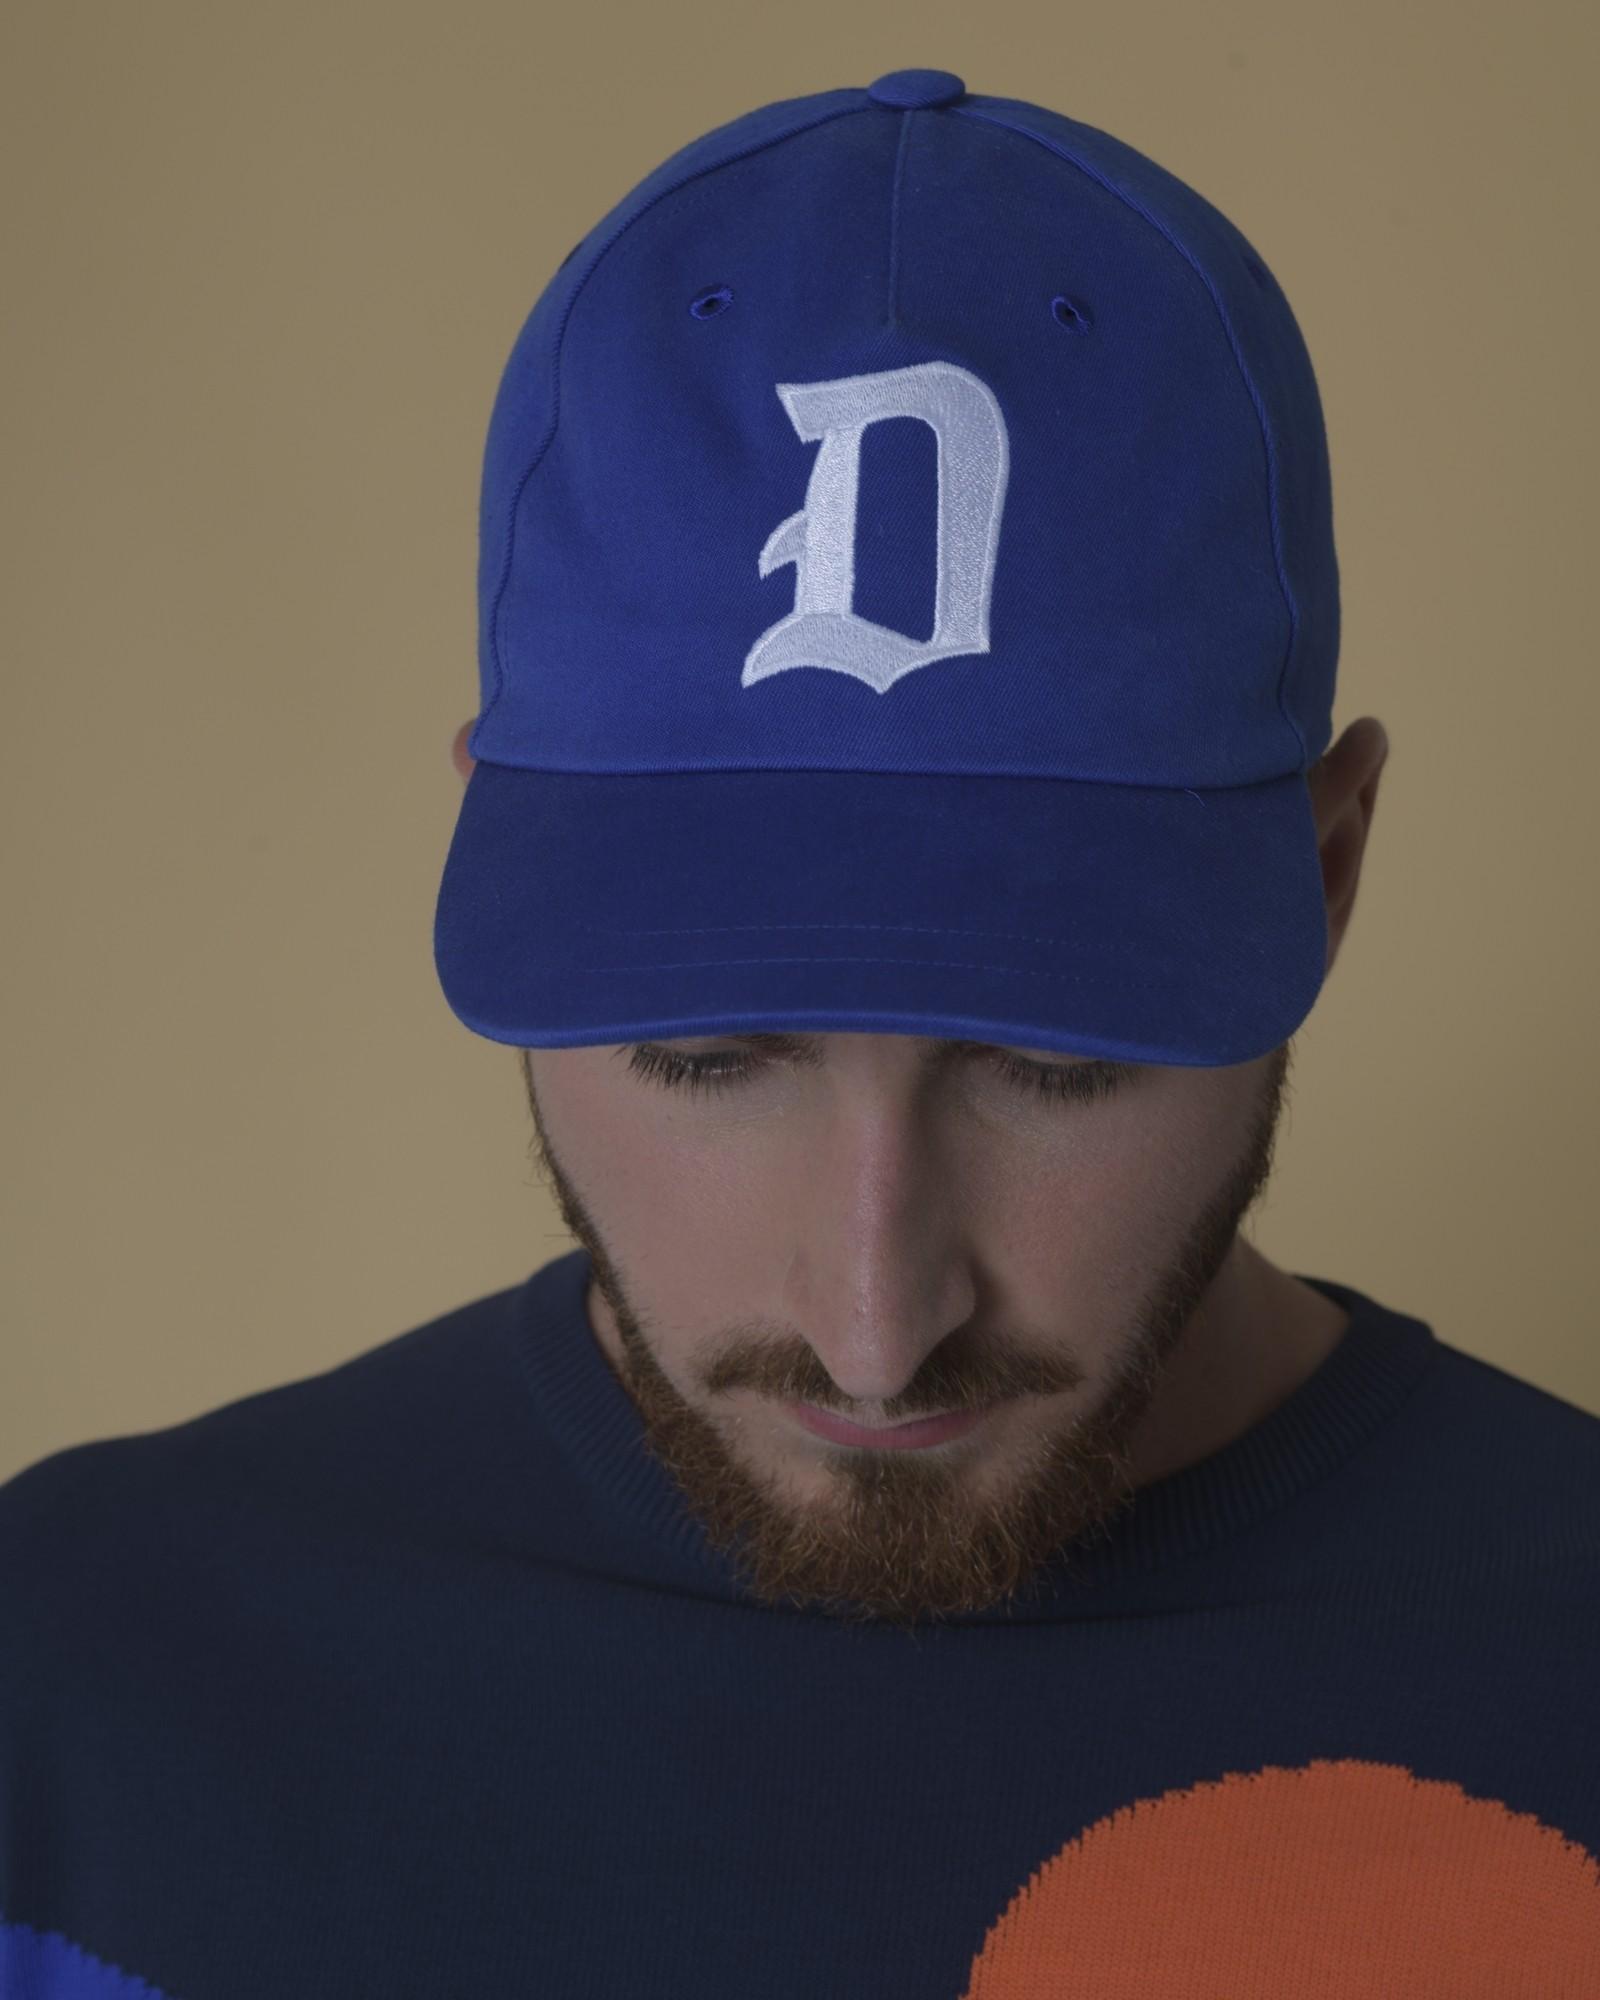 Casquette en toile à appliquer logo Dondup